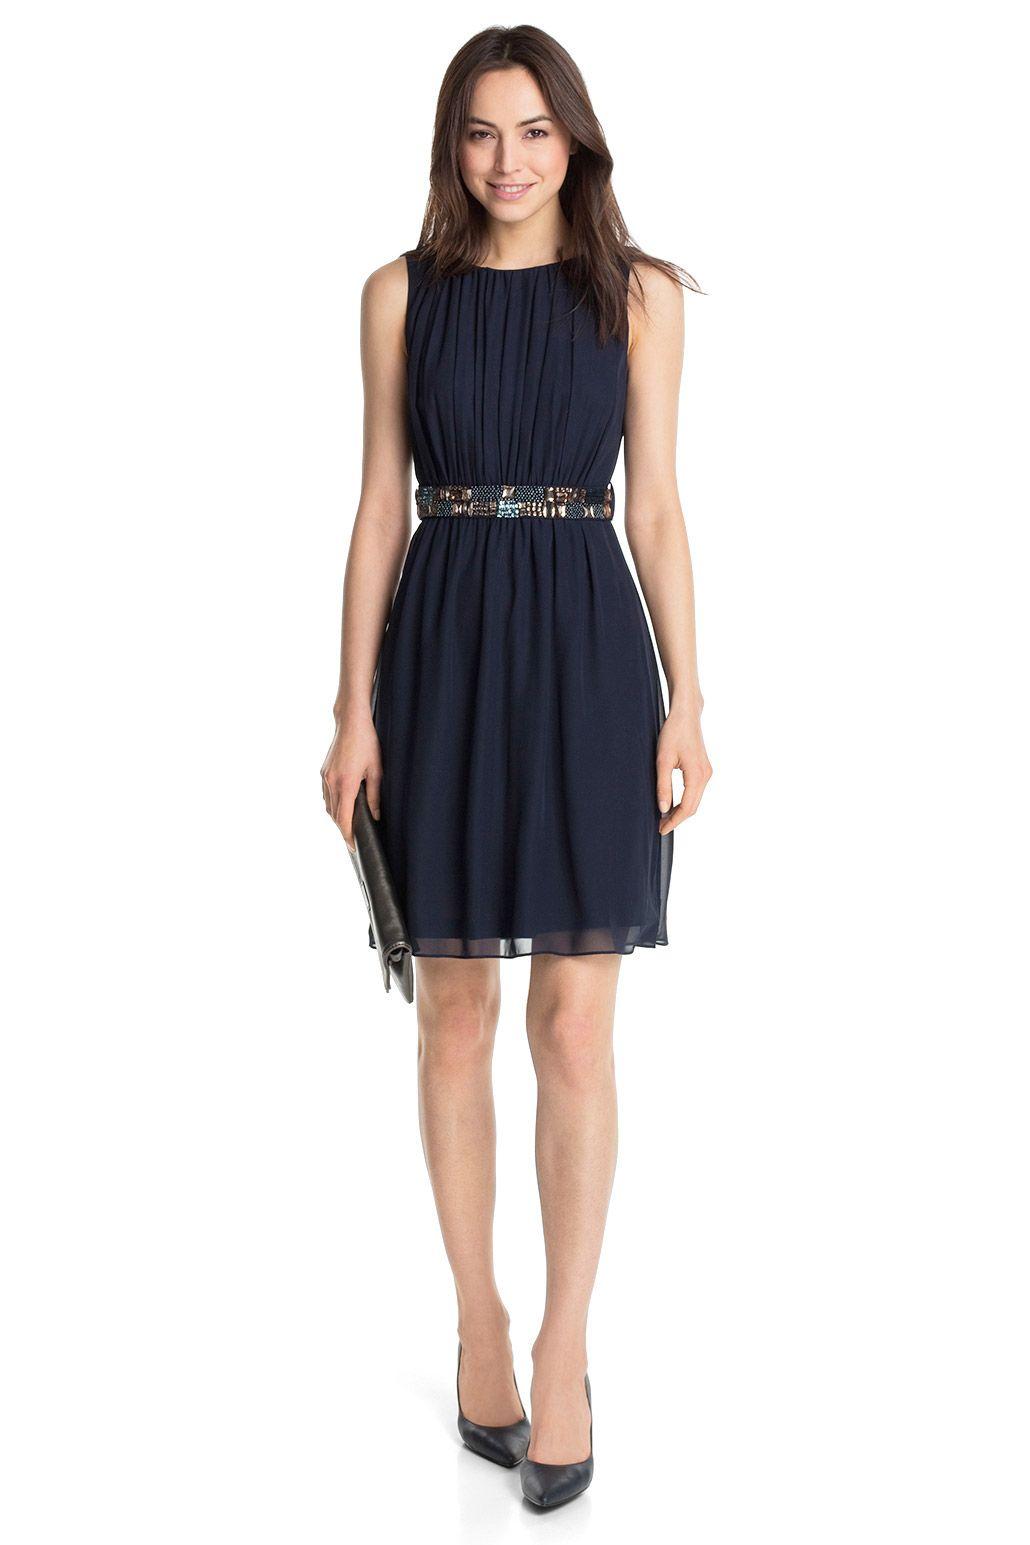 Kleid von Esprit | Kleider, Festliche kleider und Kleider ...